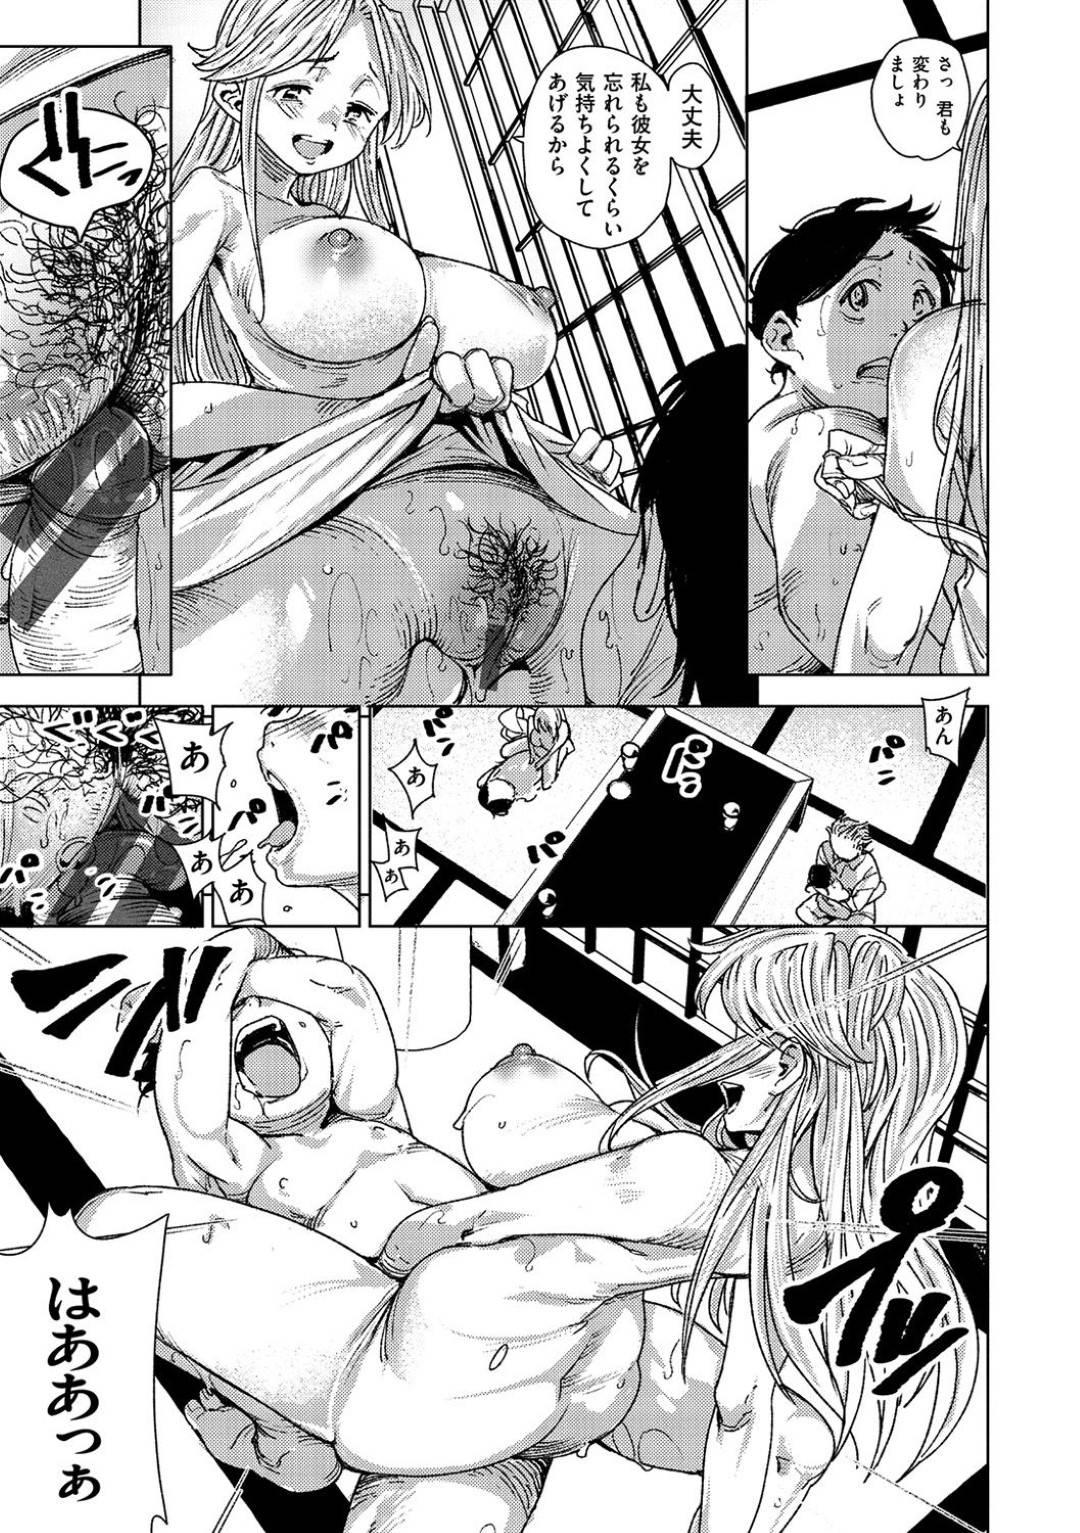 【エロ漫画】近所の仲良しの男の子と他人のセックスを覗いてしまった幼女…そして見つかってしまい家へ着いていくことに!そしてセックスをしていたおじさんとお姉さんの出した条件はお互いのパートナーを交換してセックスすることだった!【kanbe:茂みを覗いて】